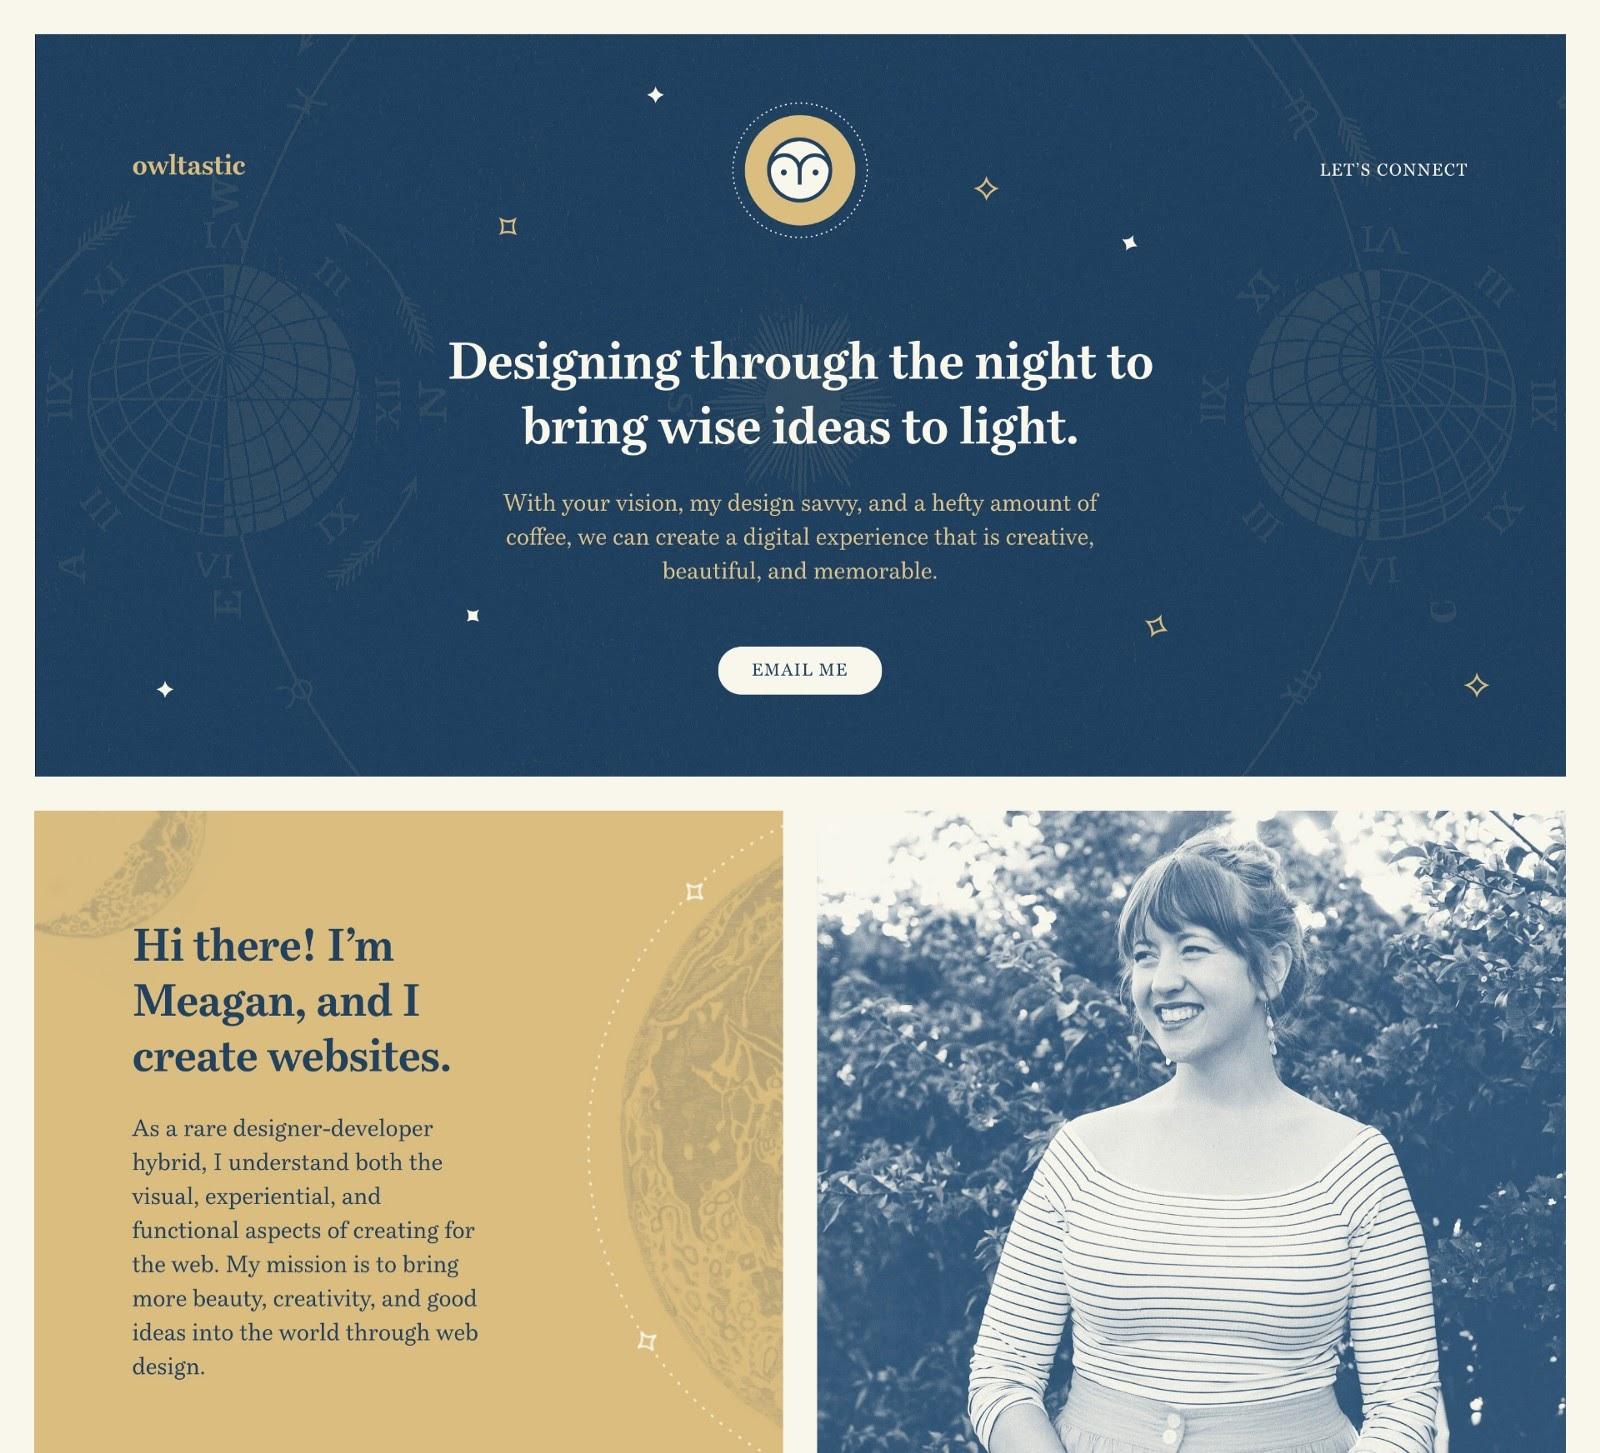 Web design portfolio example (source: Owltastic)